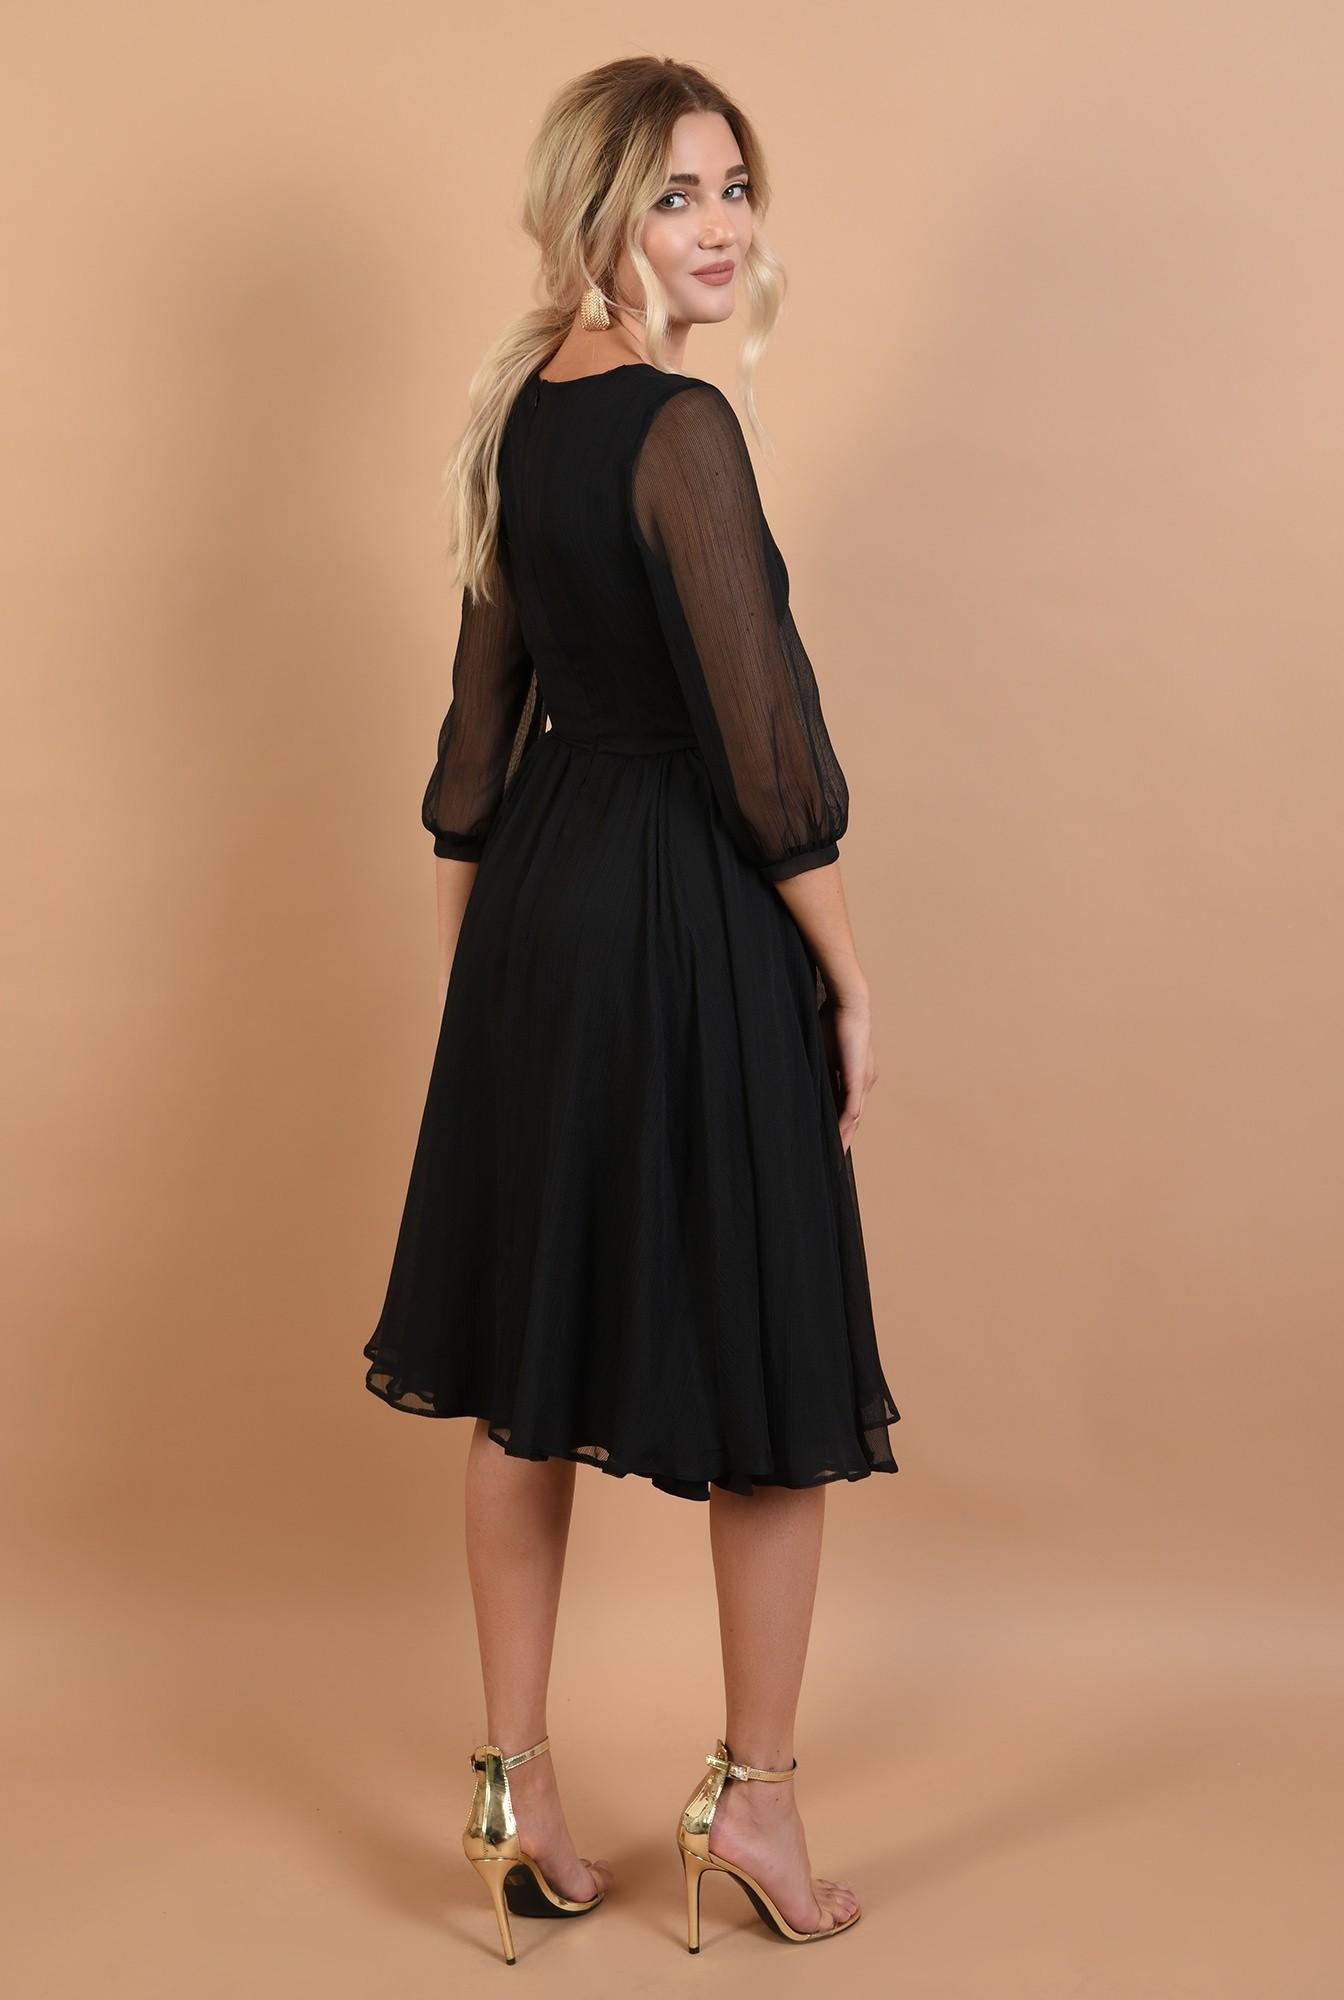 1 - rochie de ocazie, neagra, decolteu la baza gatului, croi evazat, maneci bufante, Poema